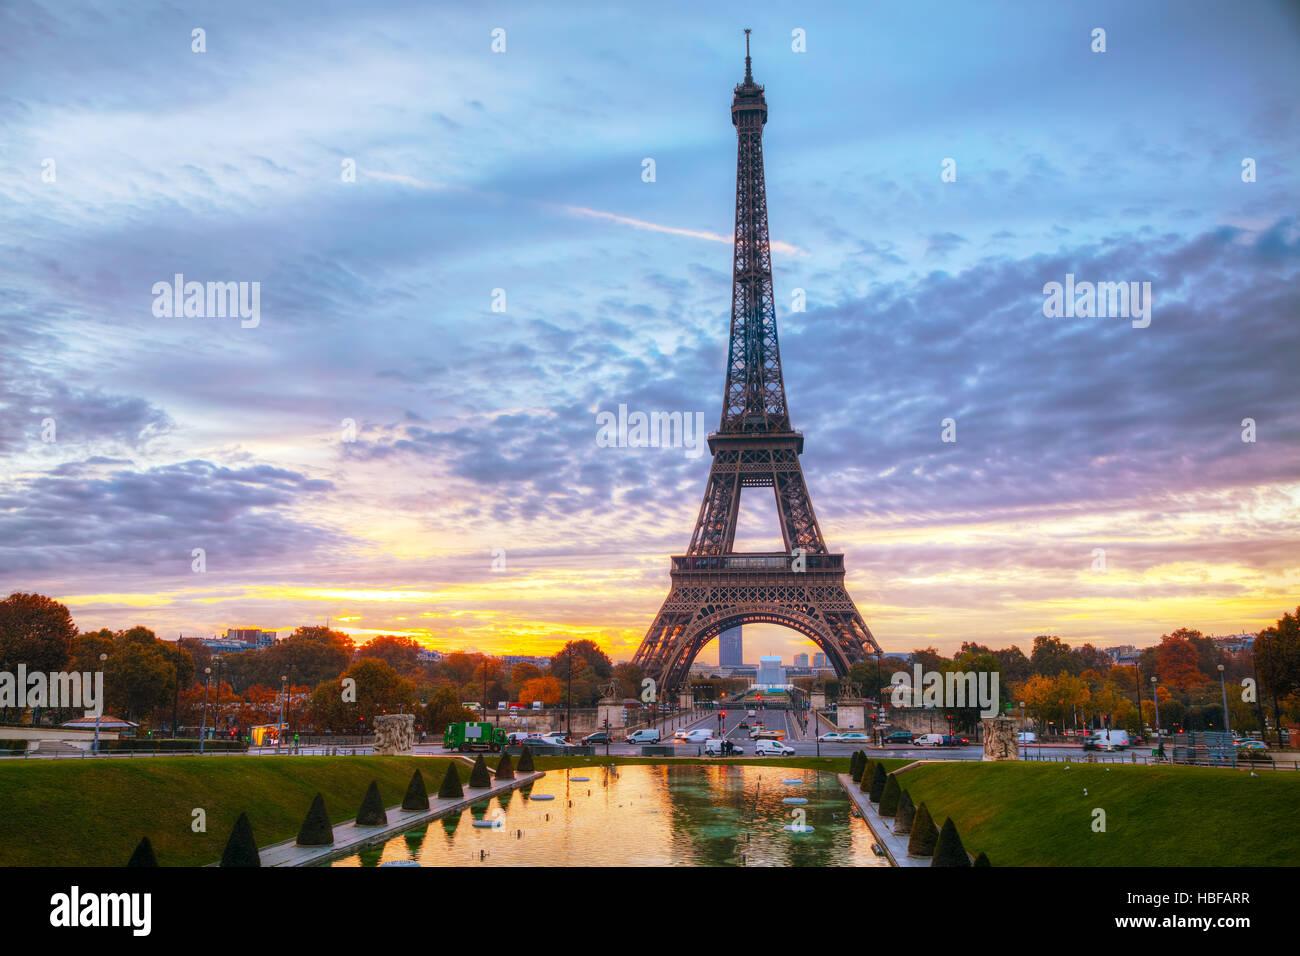 Paesaggio con la Torre Eiffel a Parigi in Francia a sunrise Immagini Stock